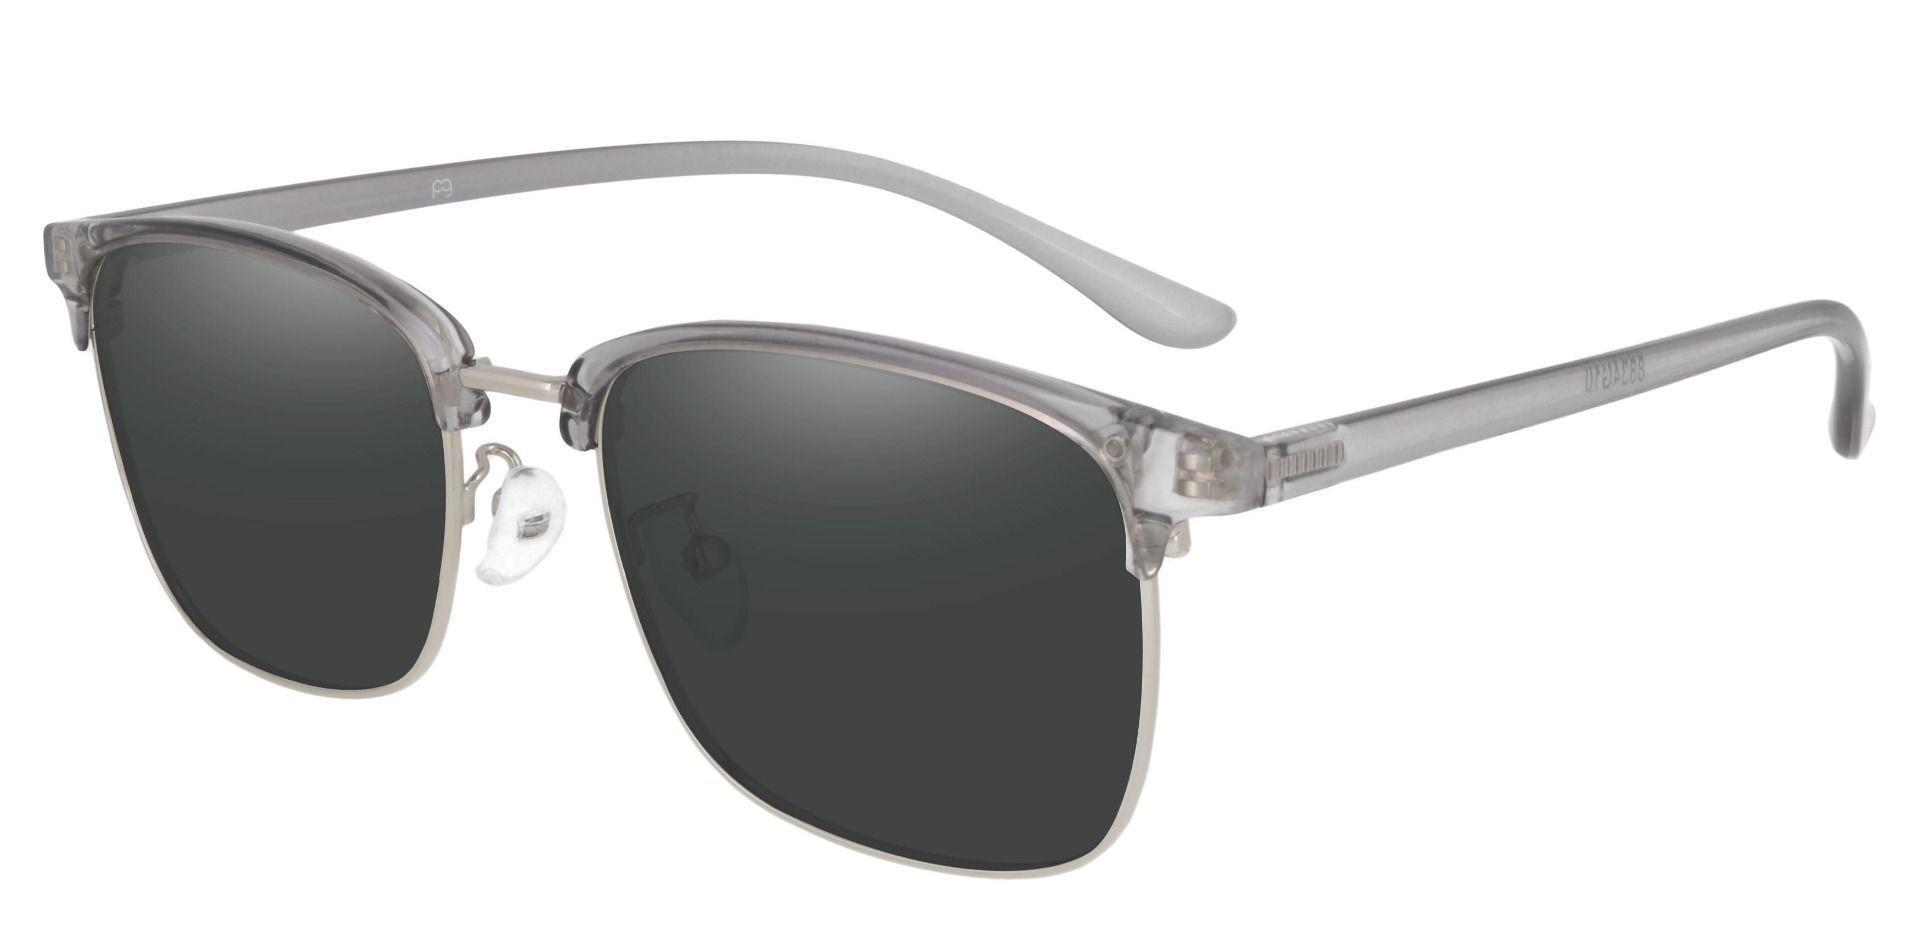 Simcoe Browline Prescription Sunglasses - Gray Frame With Gray Lenses